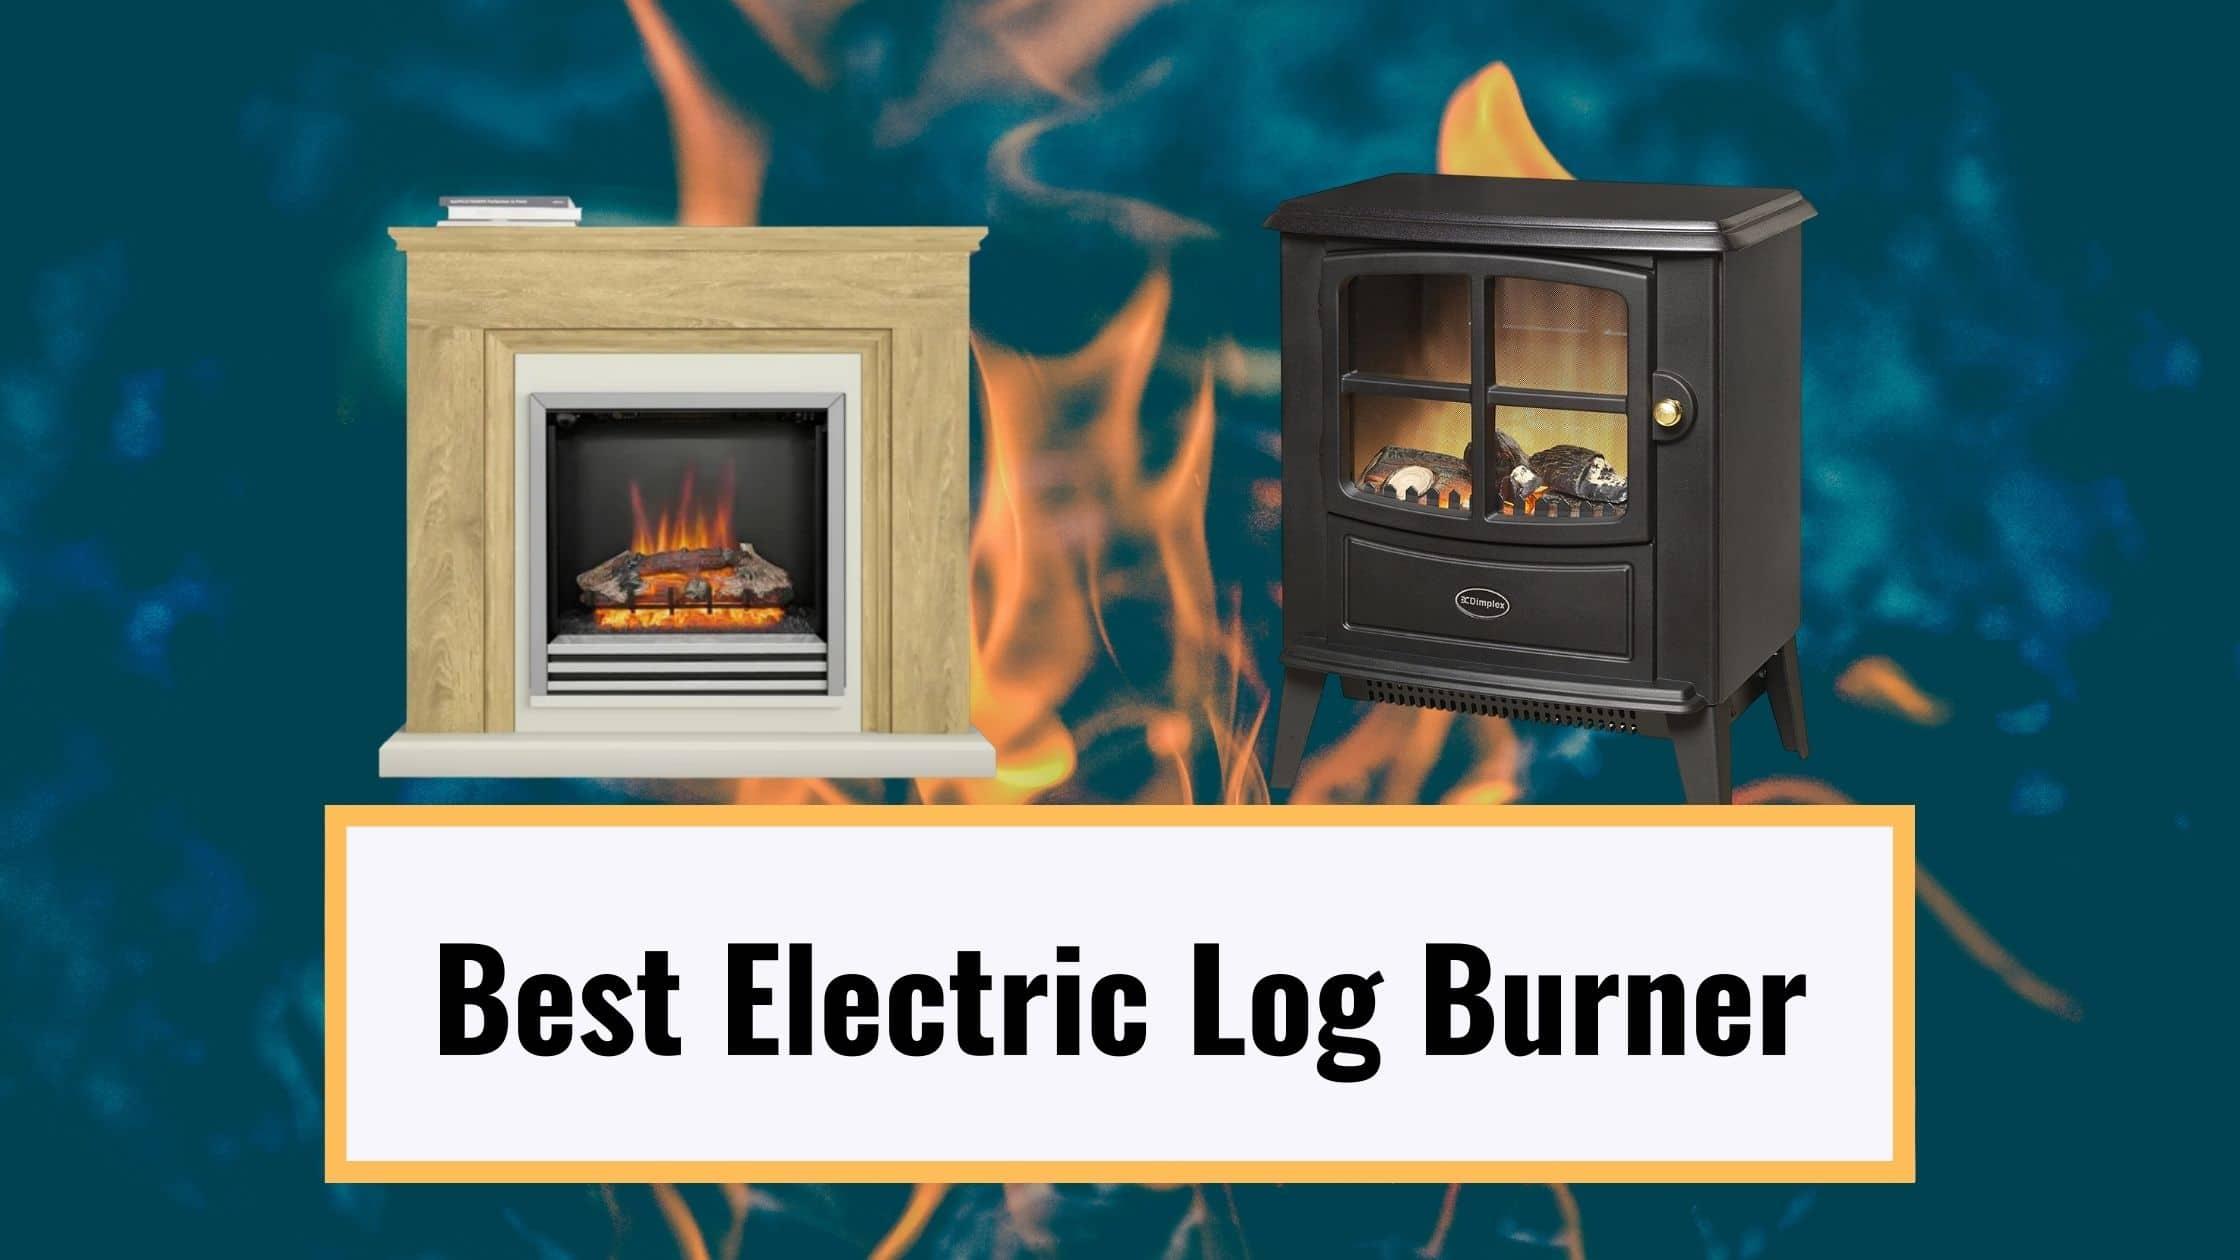 Best Electric Log Burner